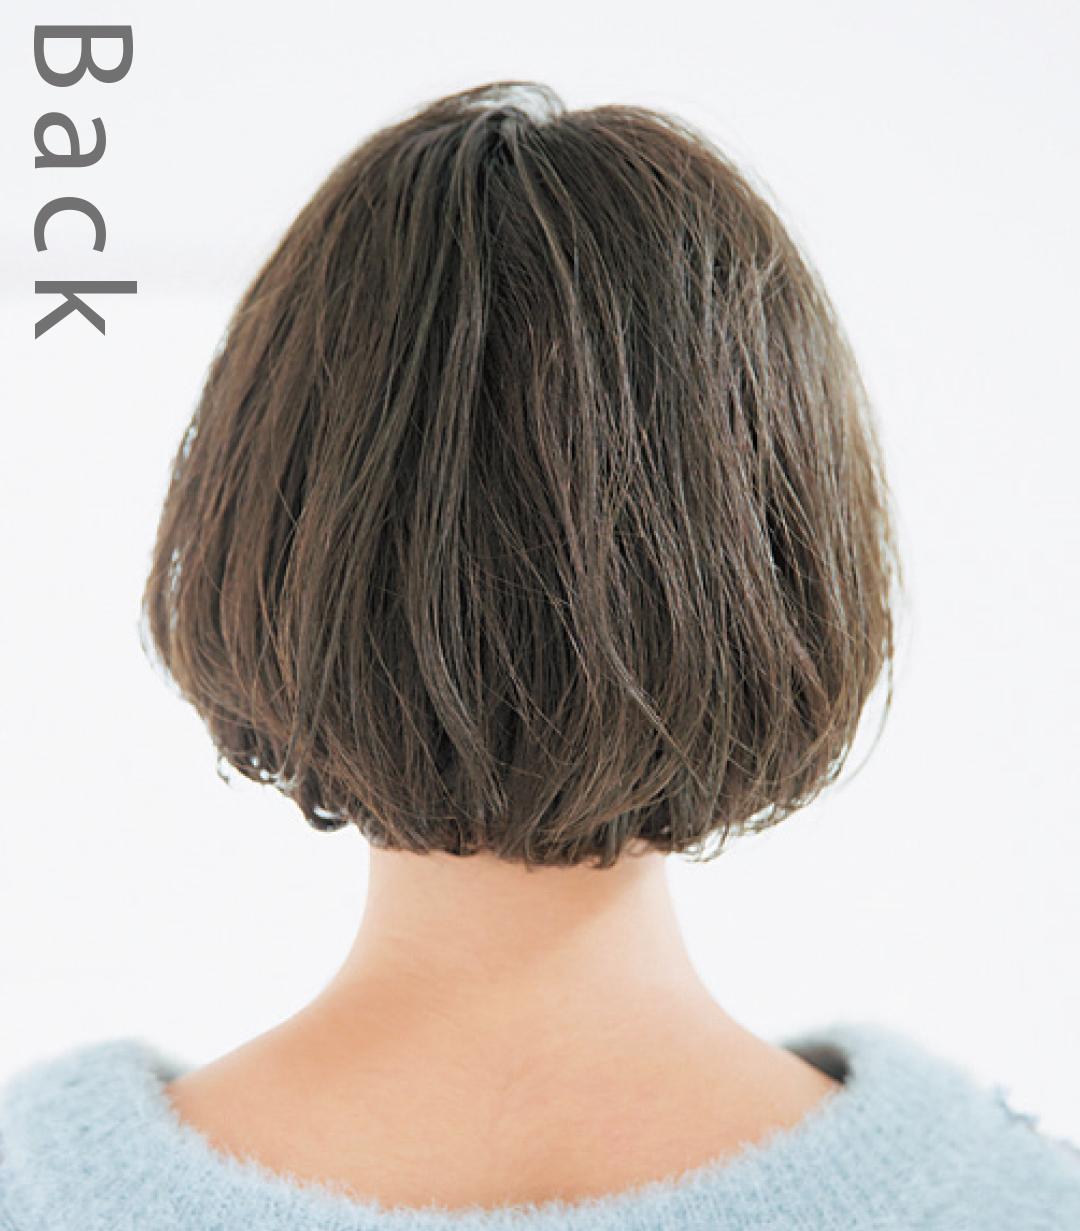 パサつく髪の秋カラーは透明感のあるアッシュ×ラベンダー!_1_2-2